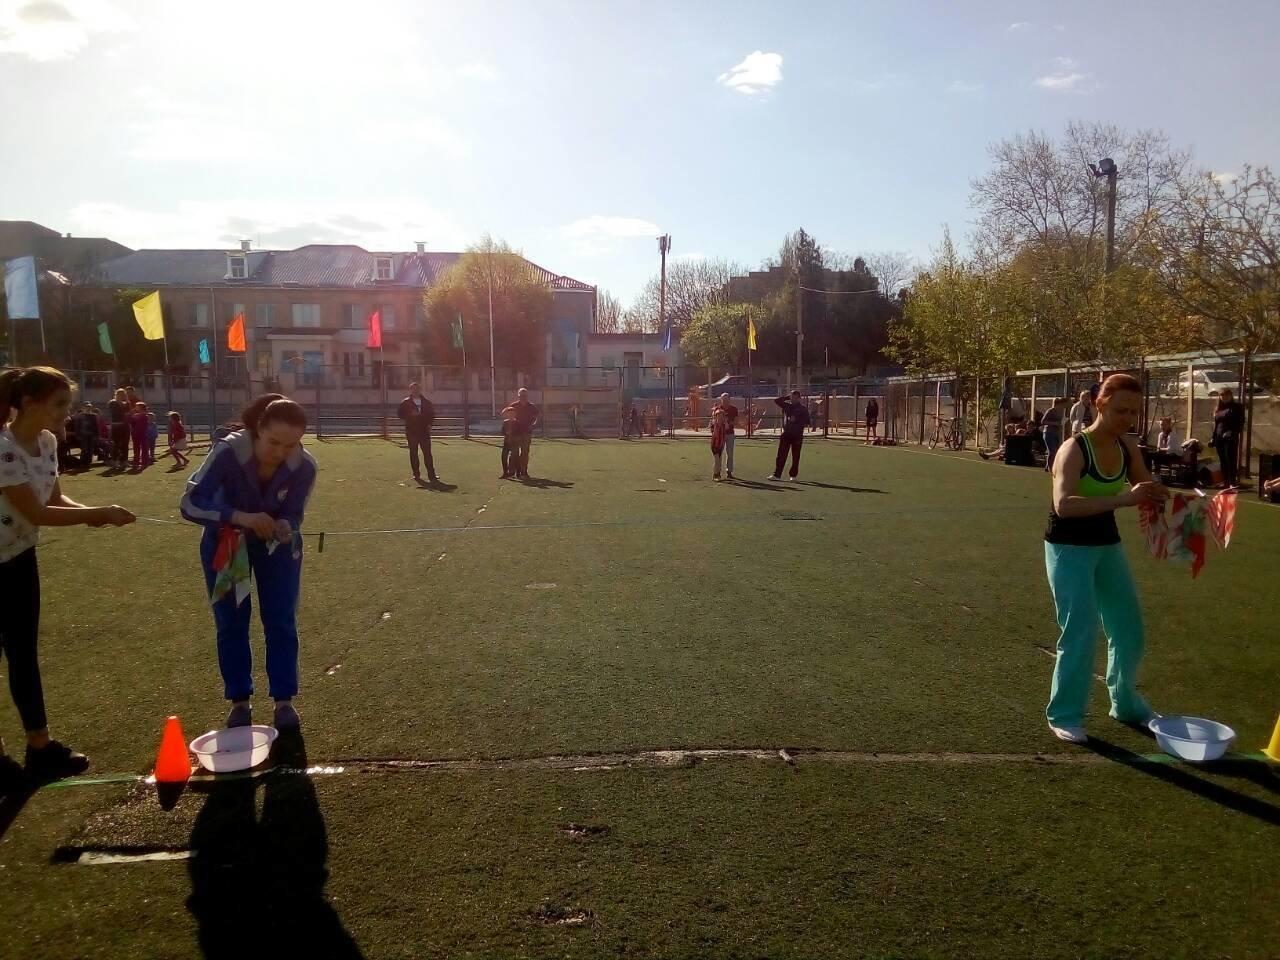 В Николаеве прошел семейный фестиваль  «Папа, мама, я - спортивная семья», - ФОТО, фото-2